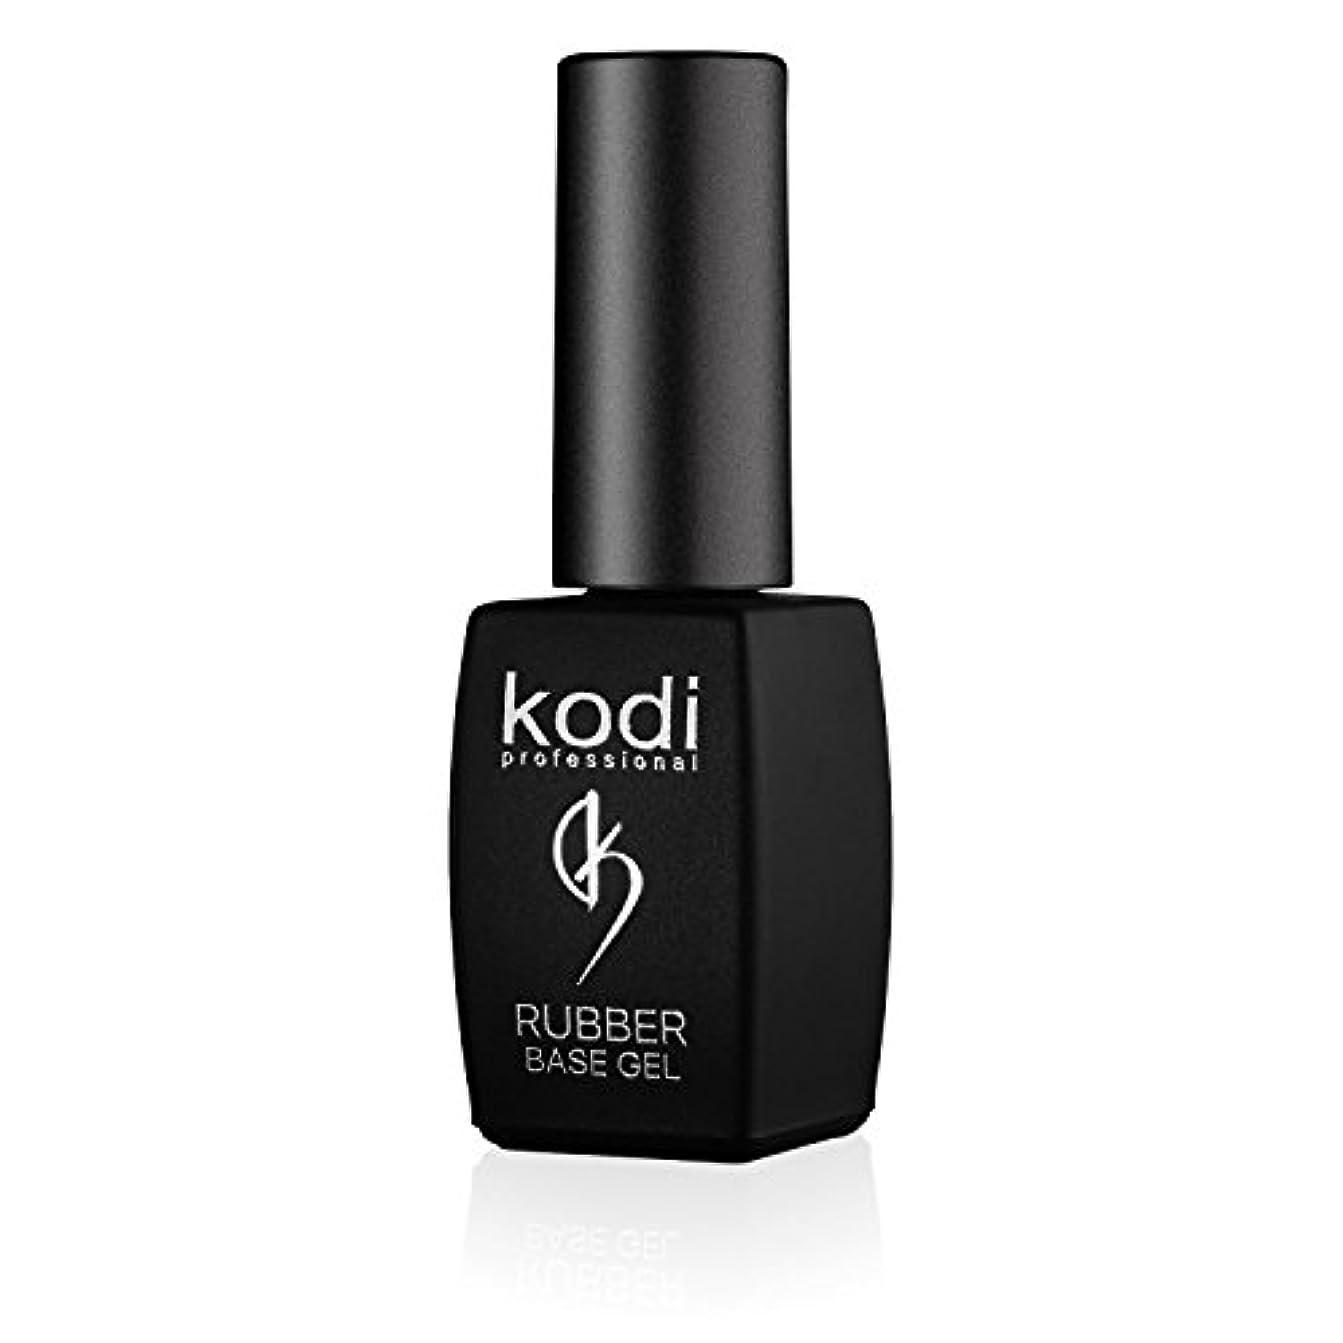 六月木製革新Professional Rubber Base Gel By Kodi   8ml 0.27 oz   Soak Off, Polish Fingernails Coat Gel   For Long Lasting...